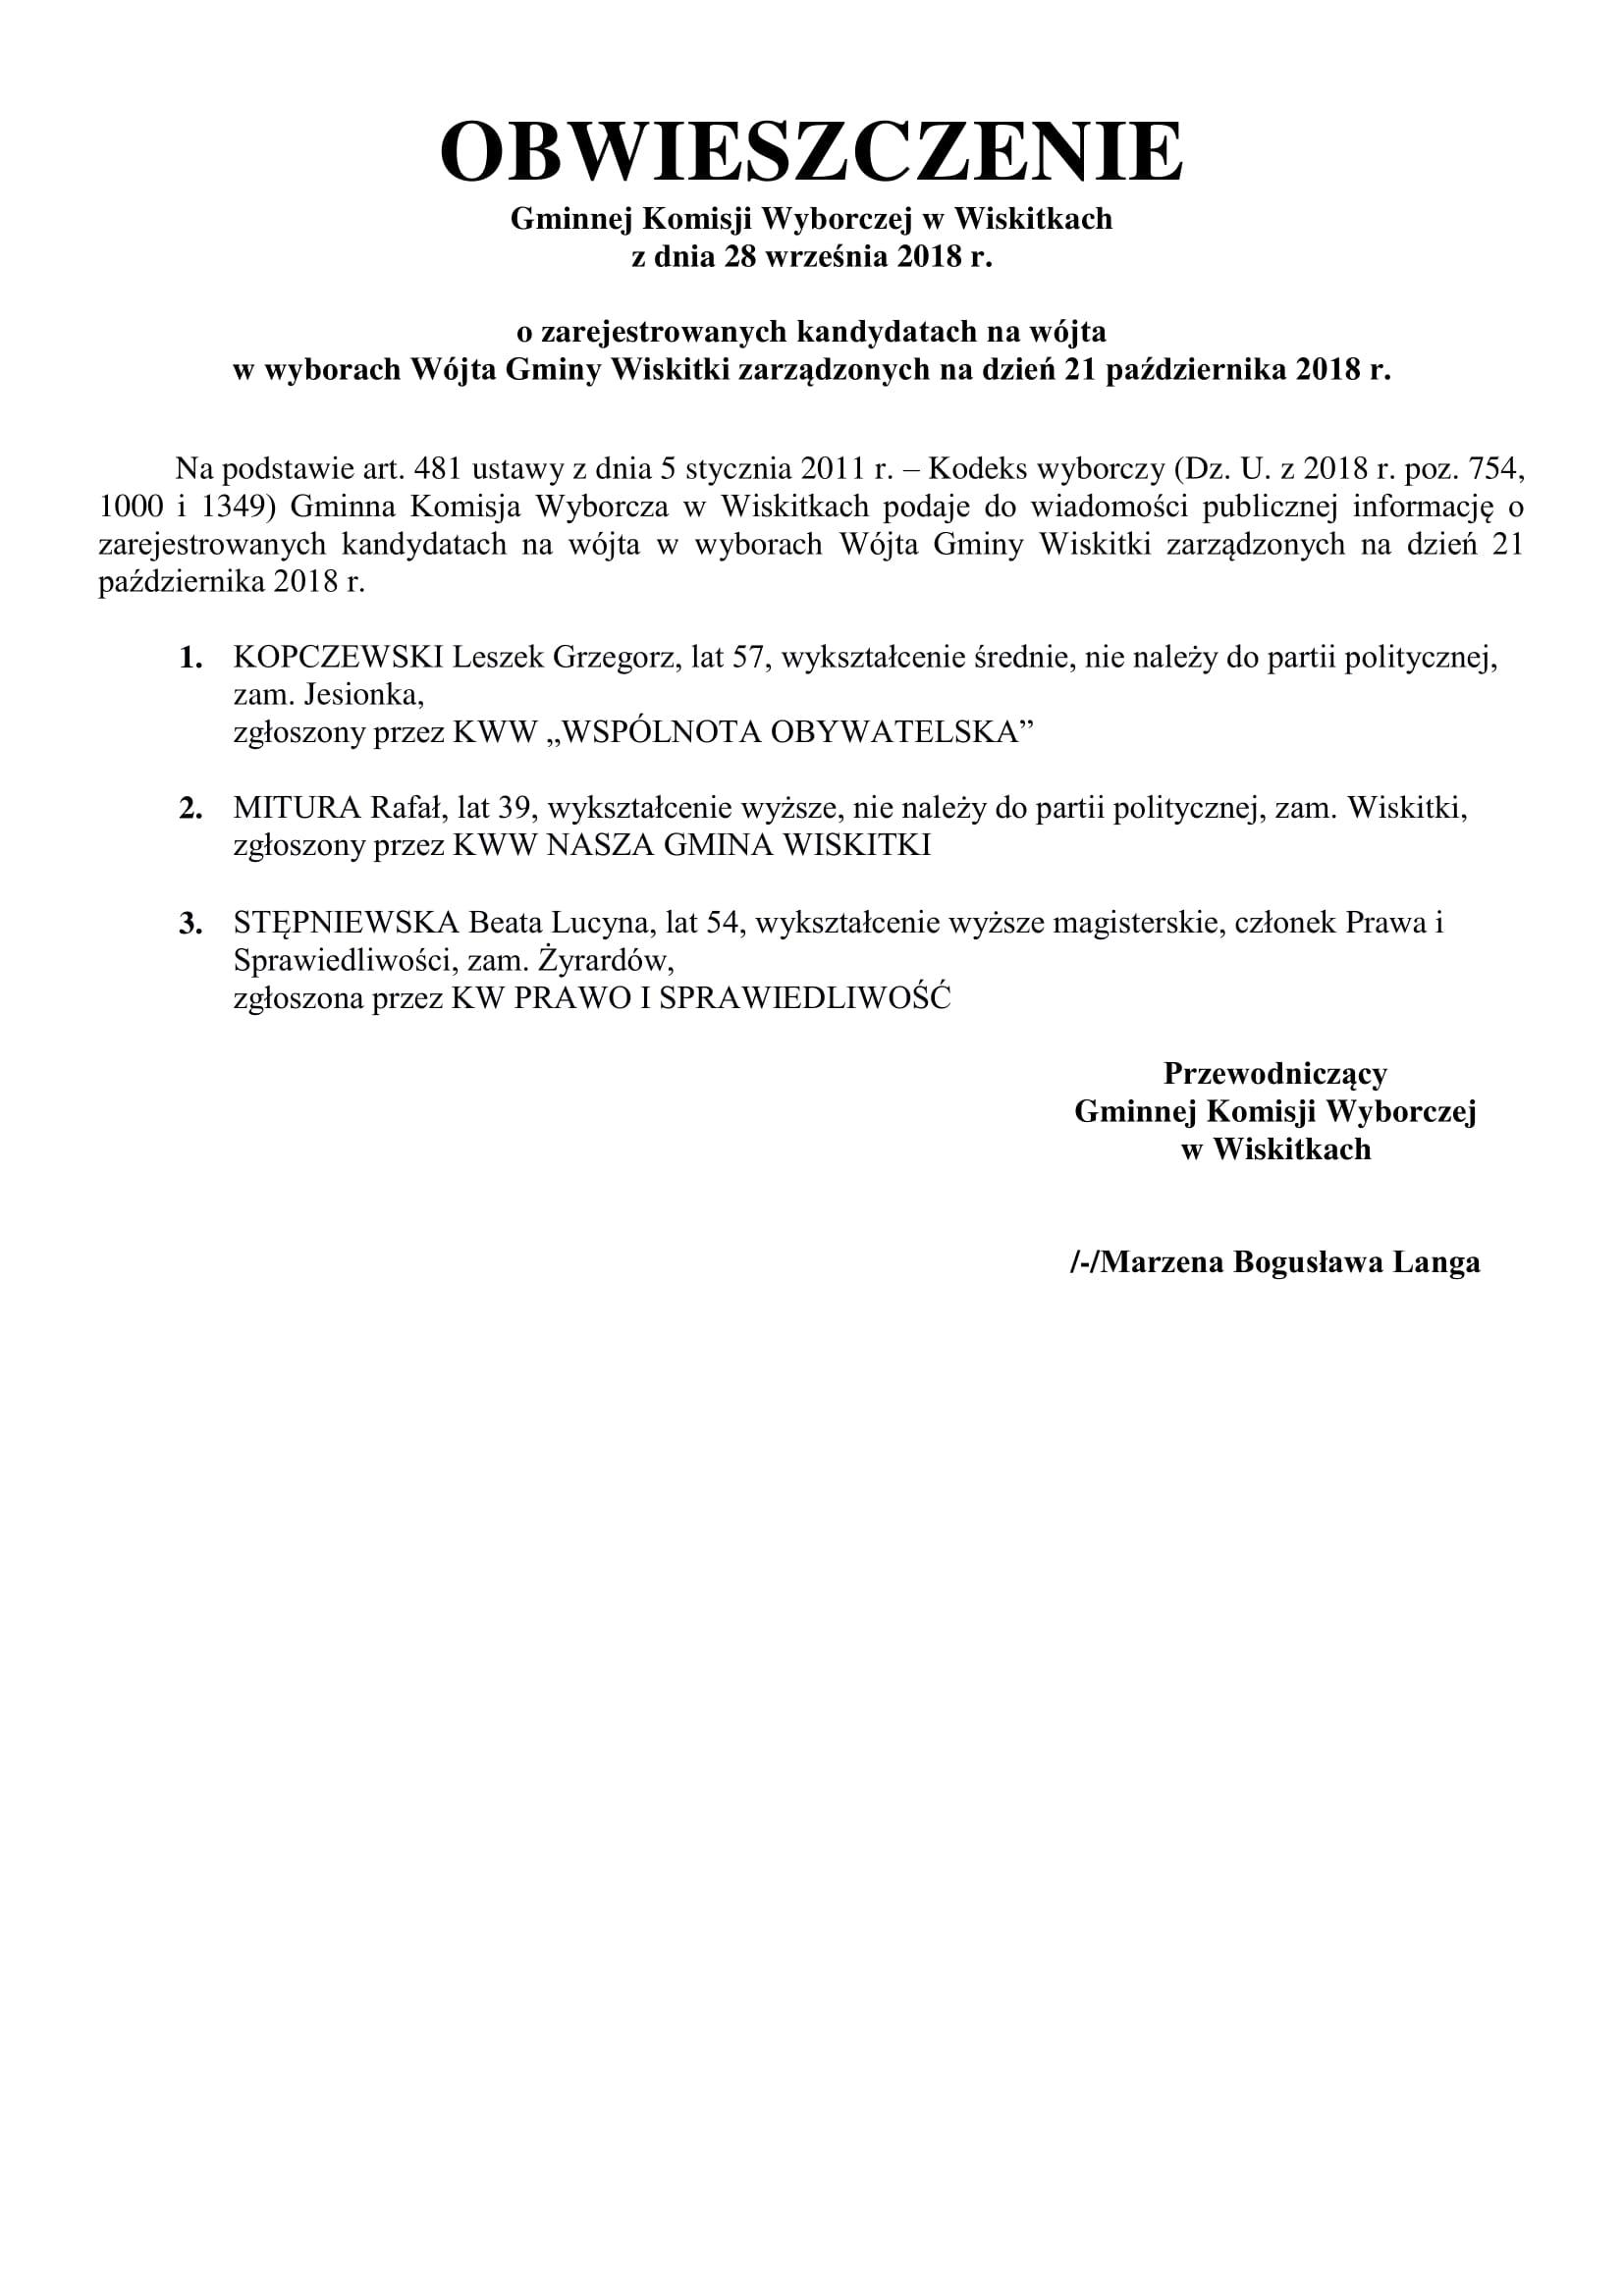 Obwieszczenie_o_zarejestrowanych_kandydatach-1